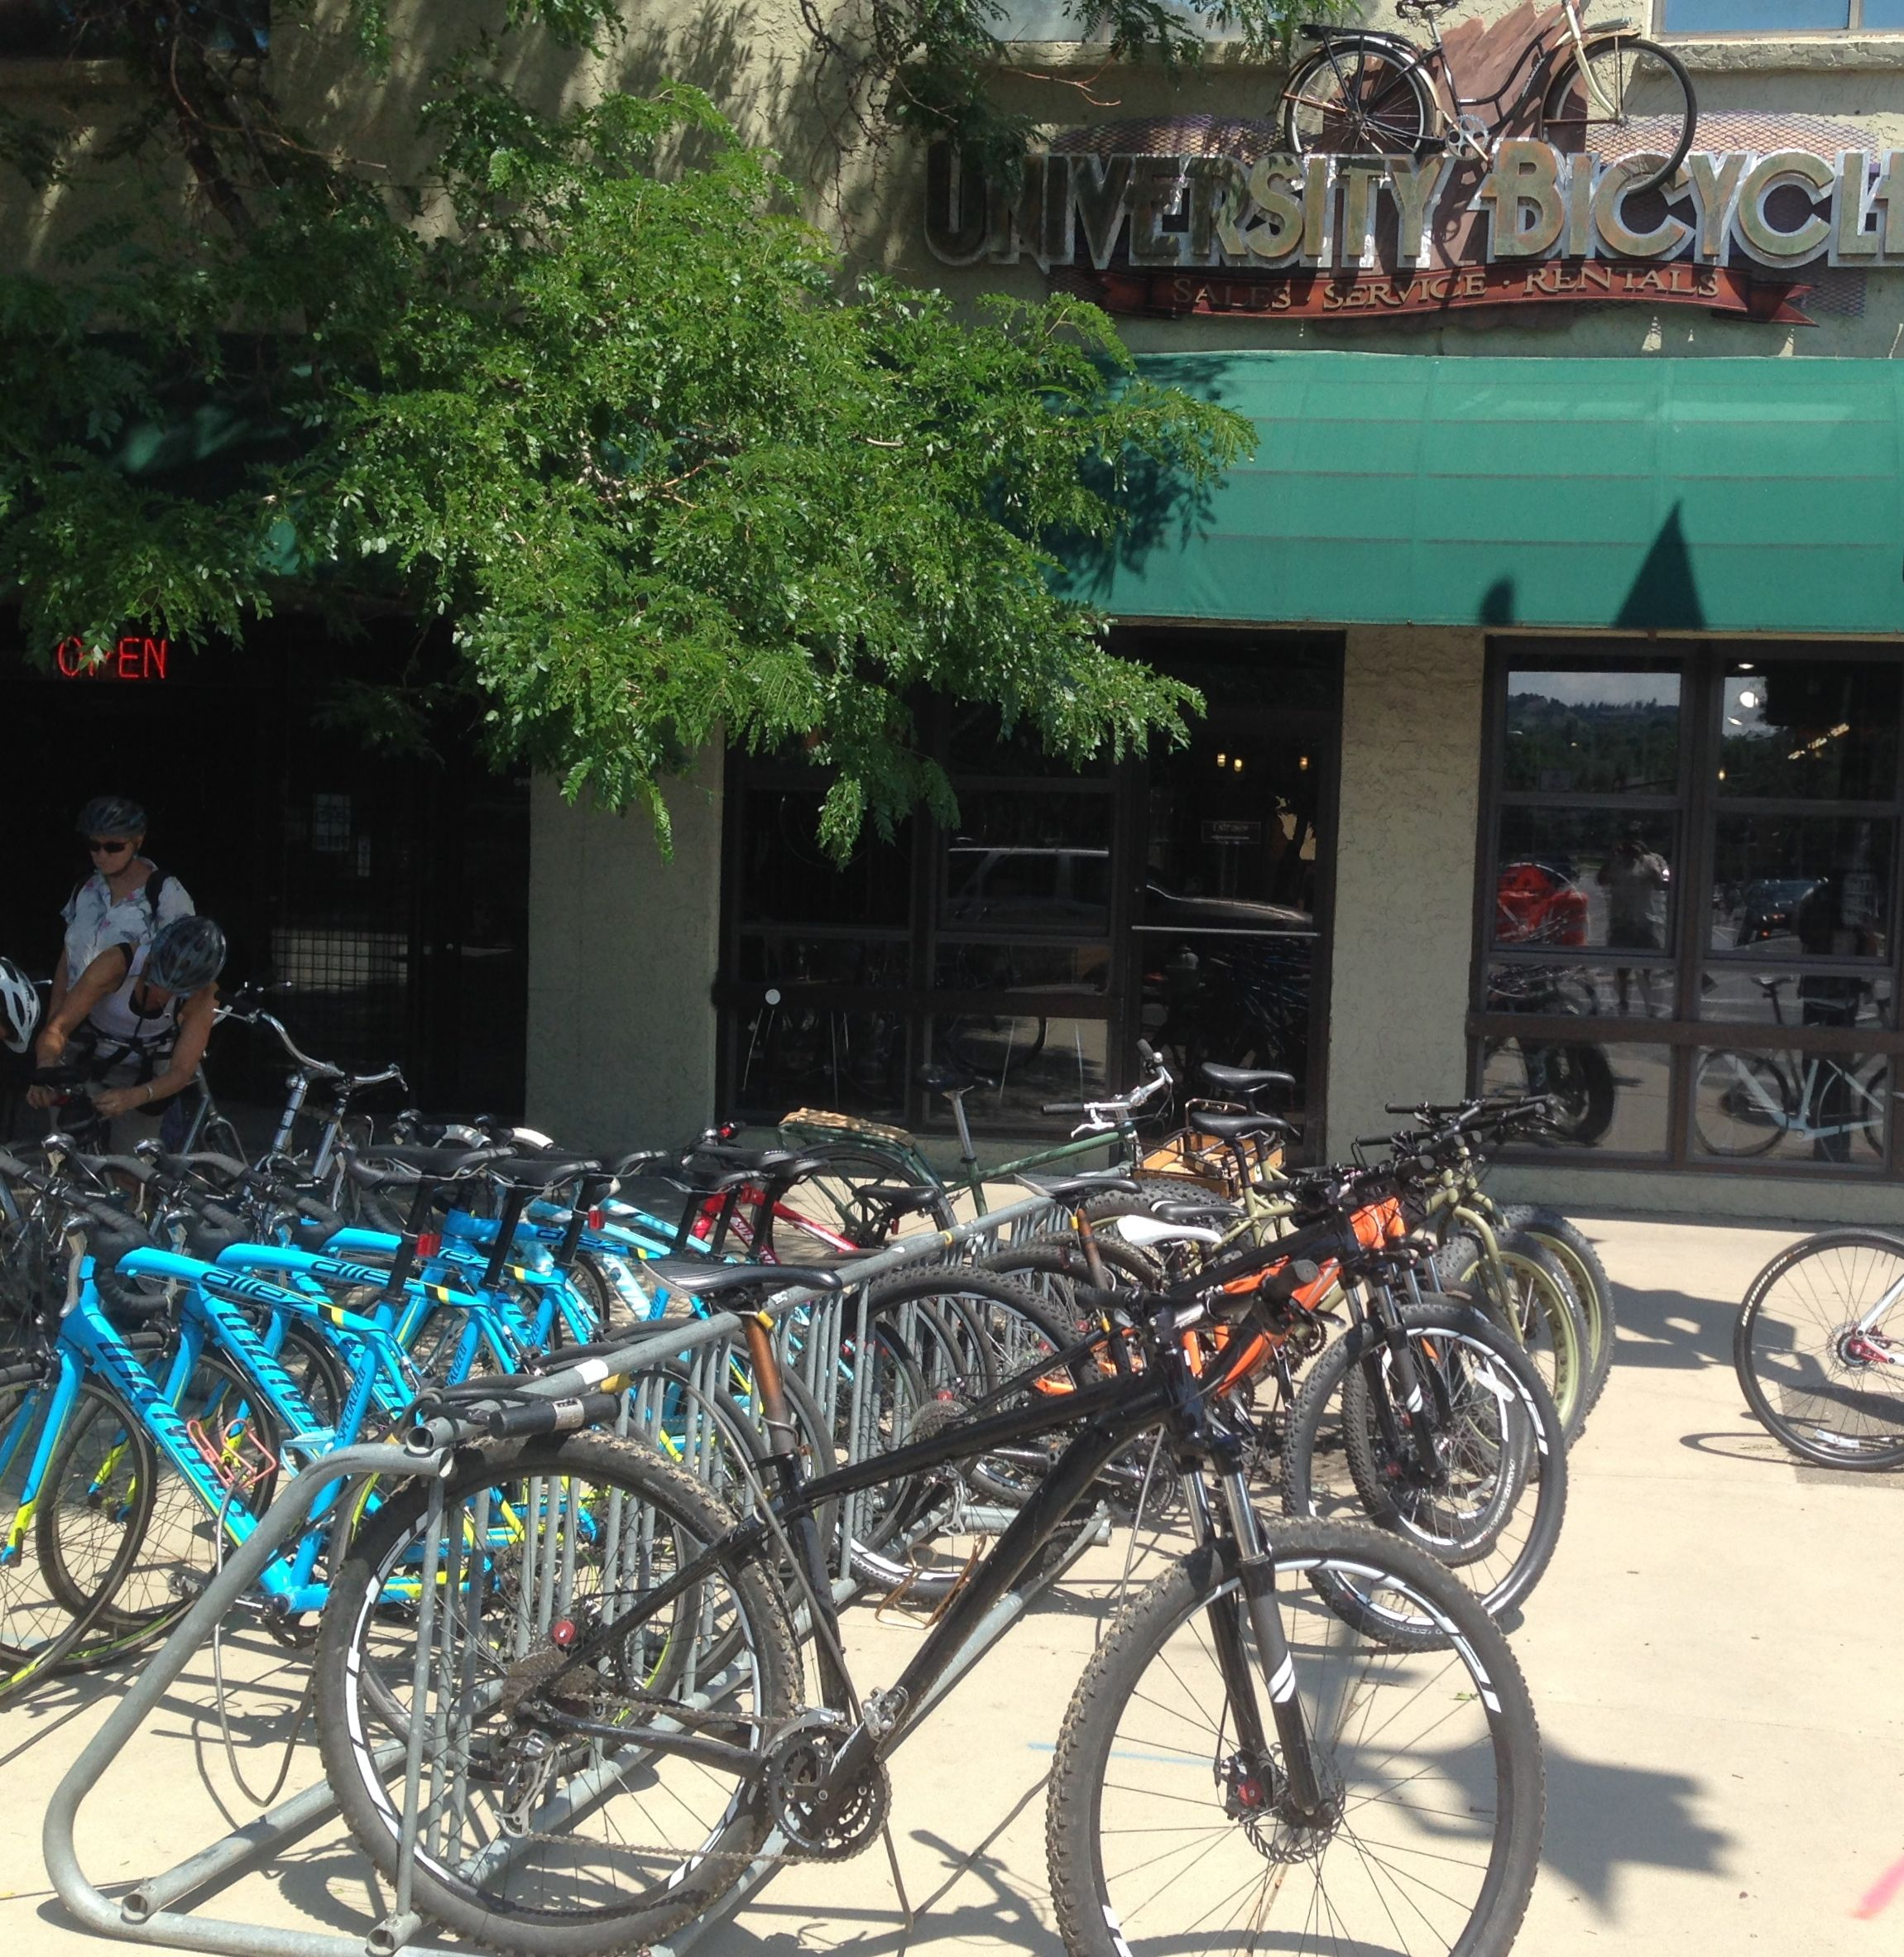 University Bicycles